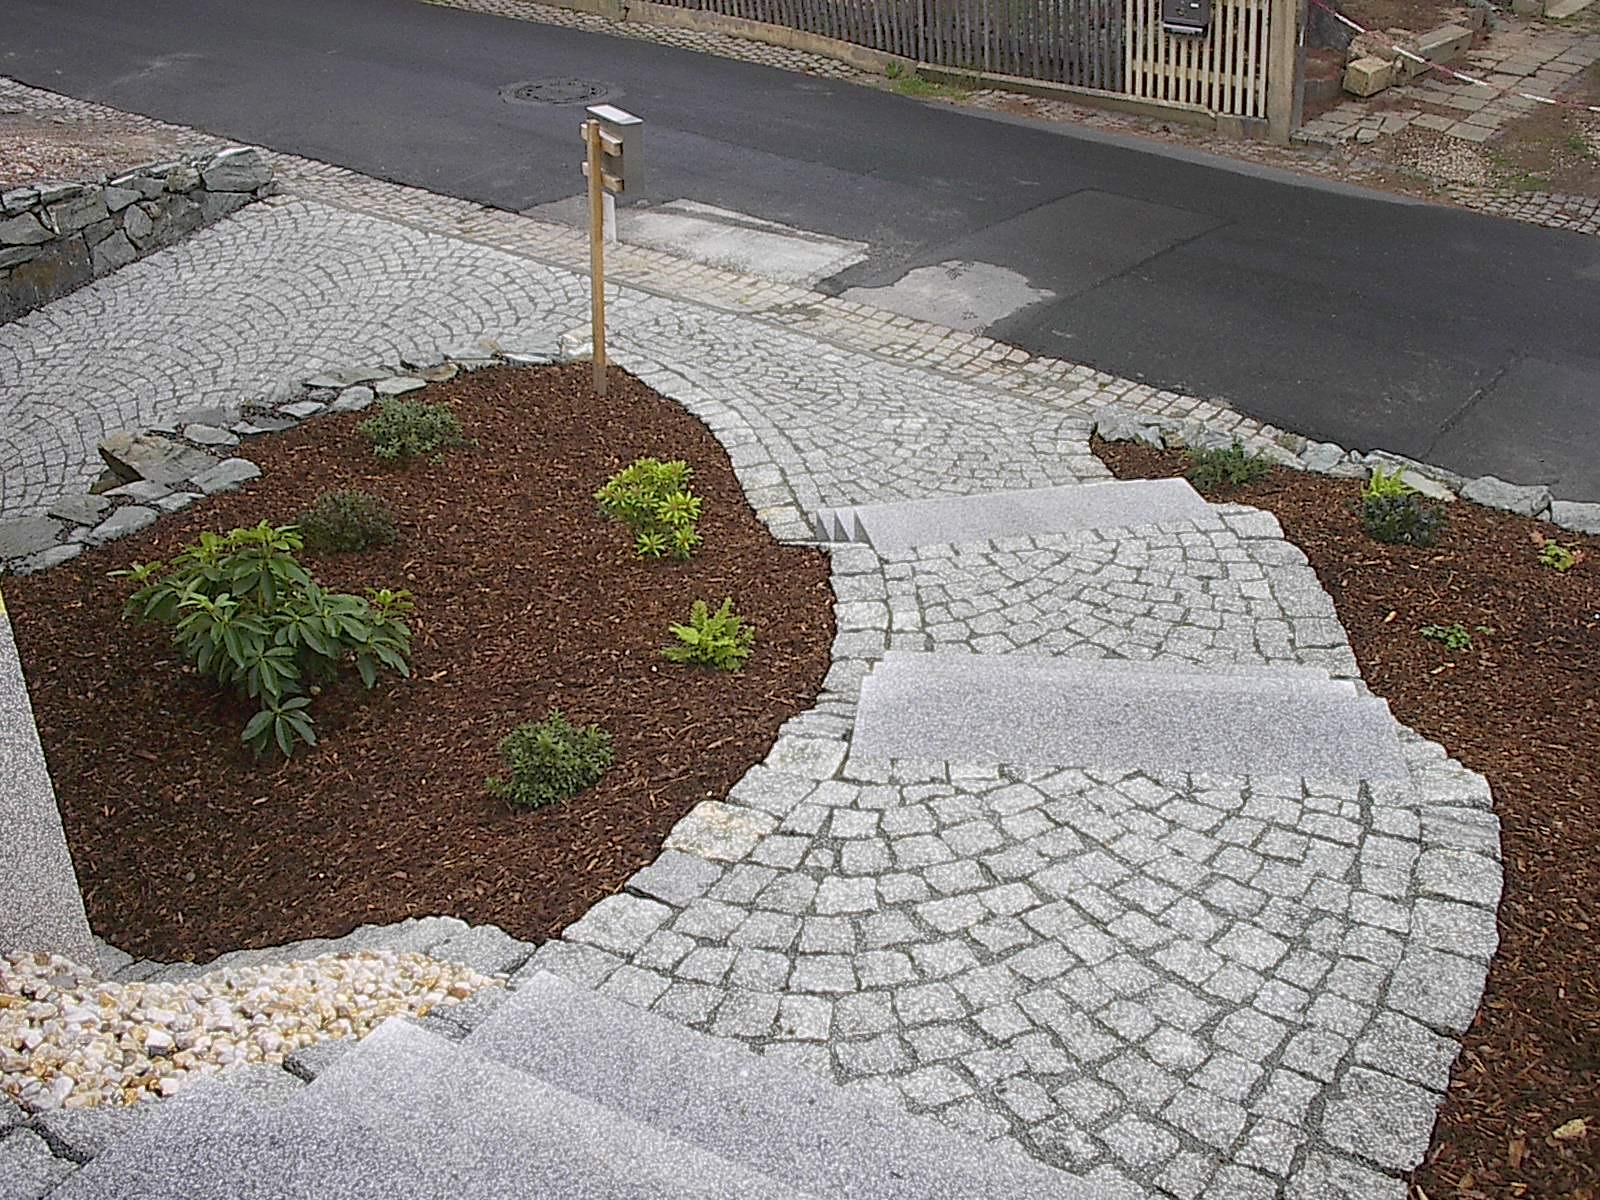 Garten Und Landschaftsbau Chemnitz Garten Und Landschaftsbau